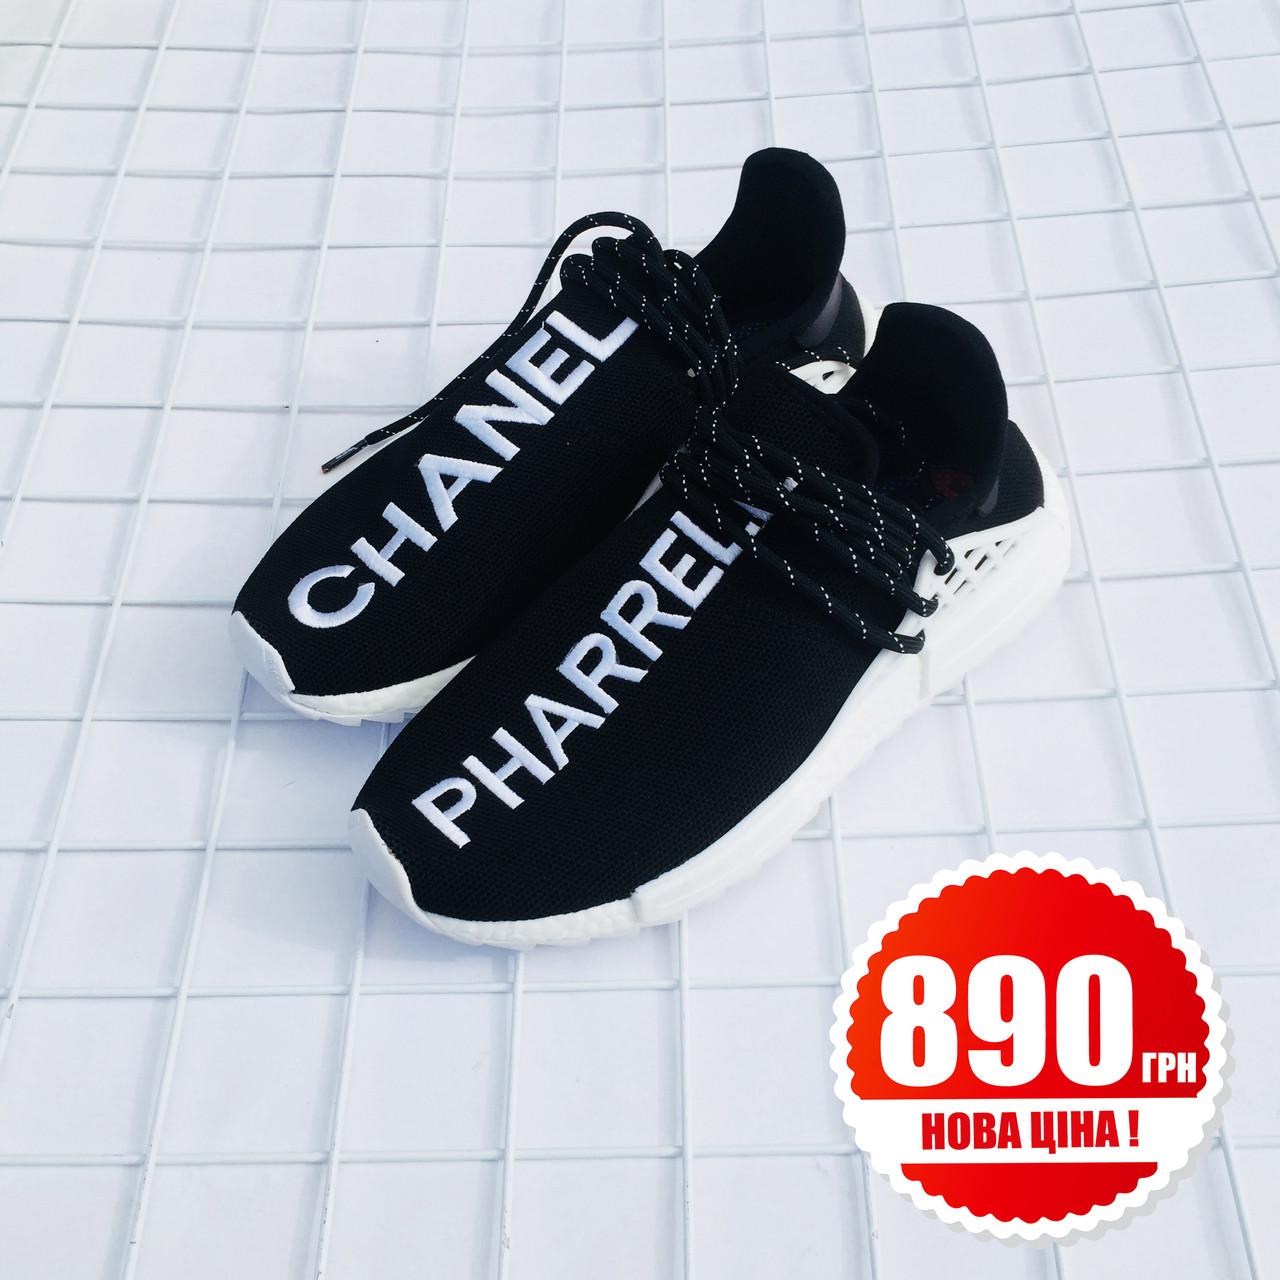 53cf5a9a366af Adidas Chanel x adidas Originals Pharrell Williams Hu NMD - Піратська  Республіка в Львове